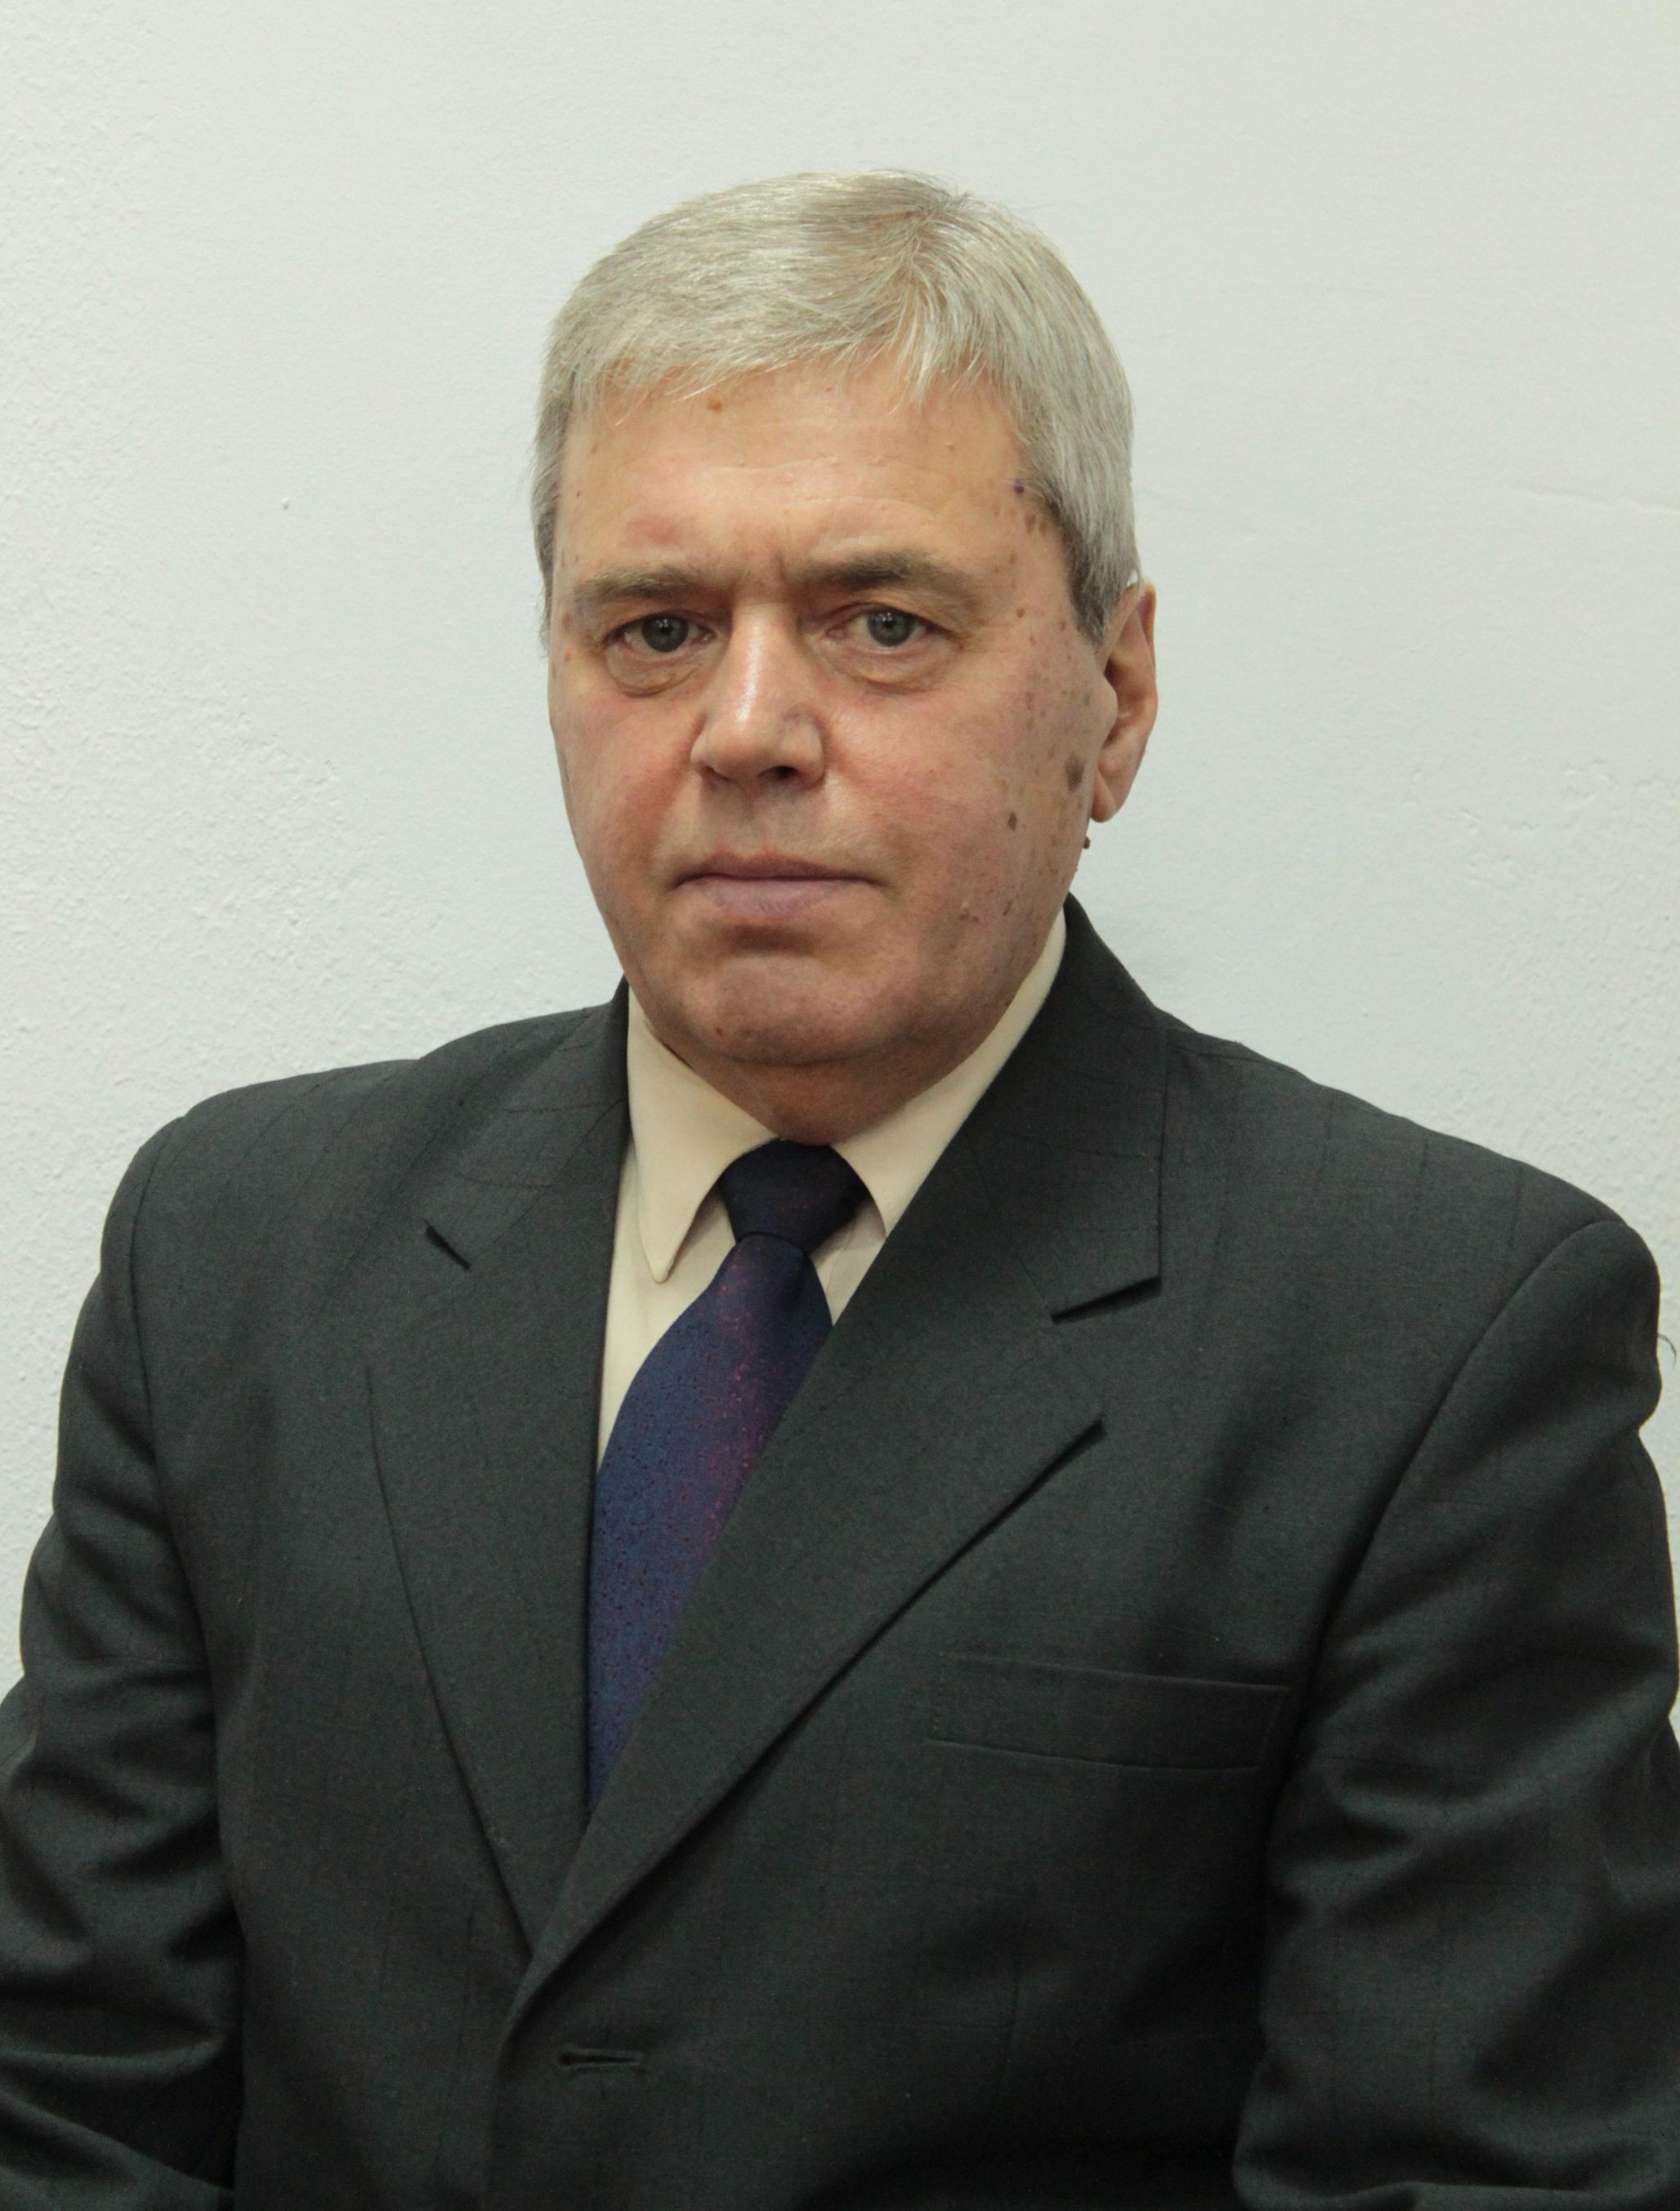 Викладачі та співробітники кафедри АЕМС-ЕП (з аспірантами) teryaev